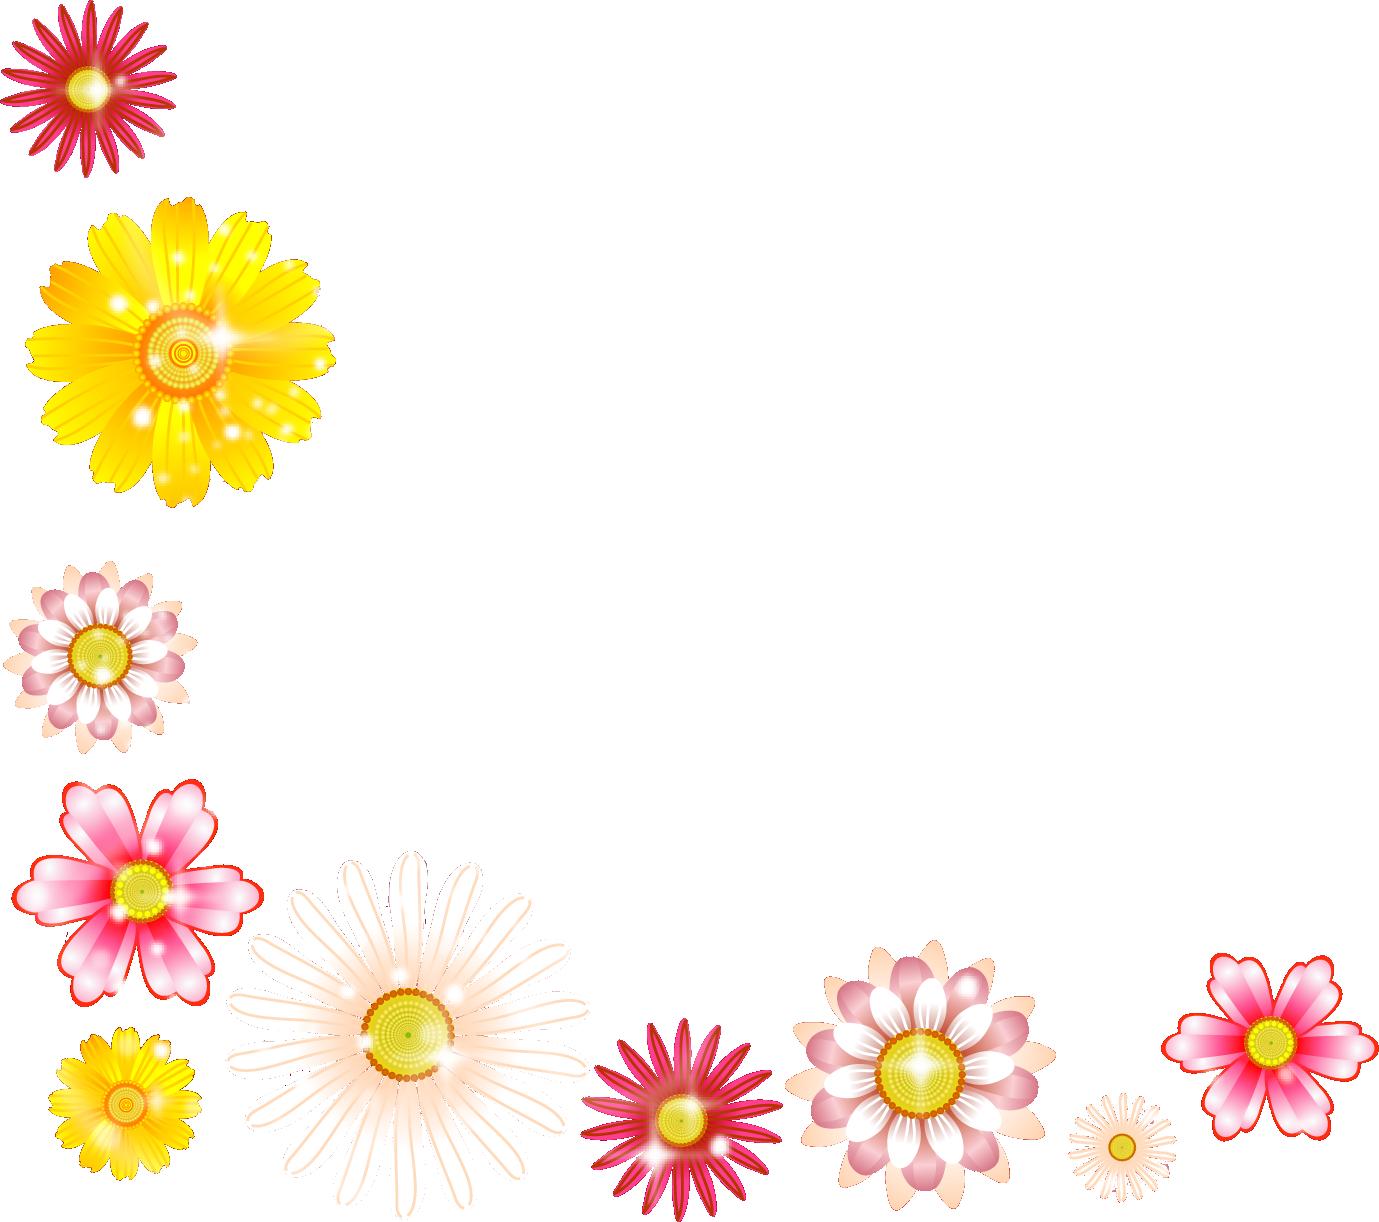 花のイラスト フリー素材 コーナーライン 角 No 062 キラキラ 光源